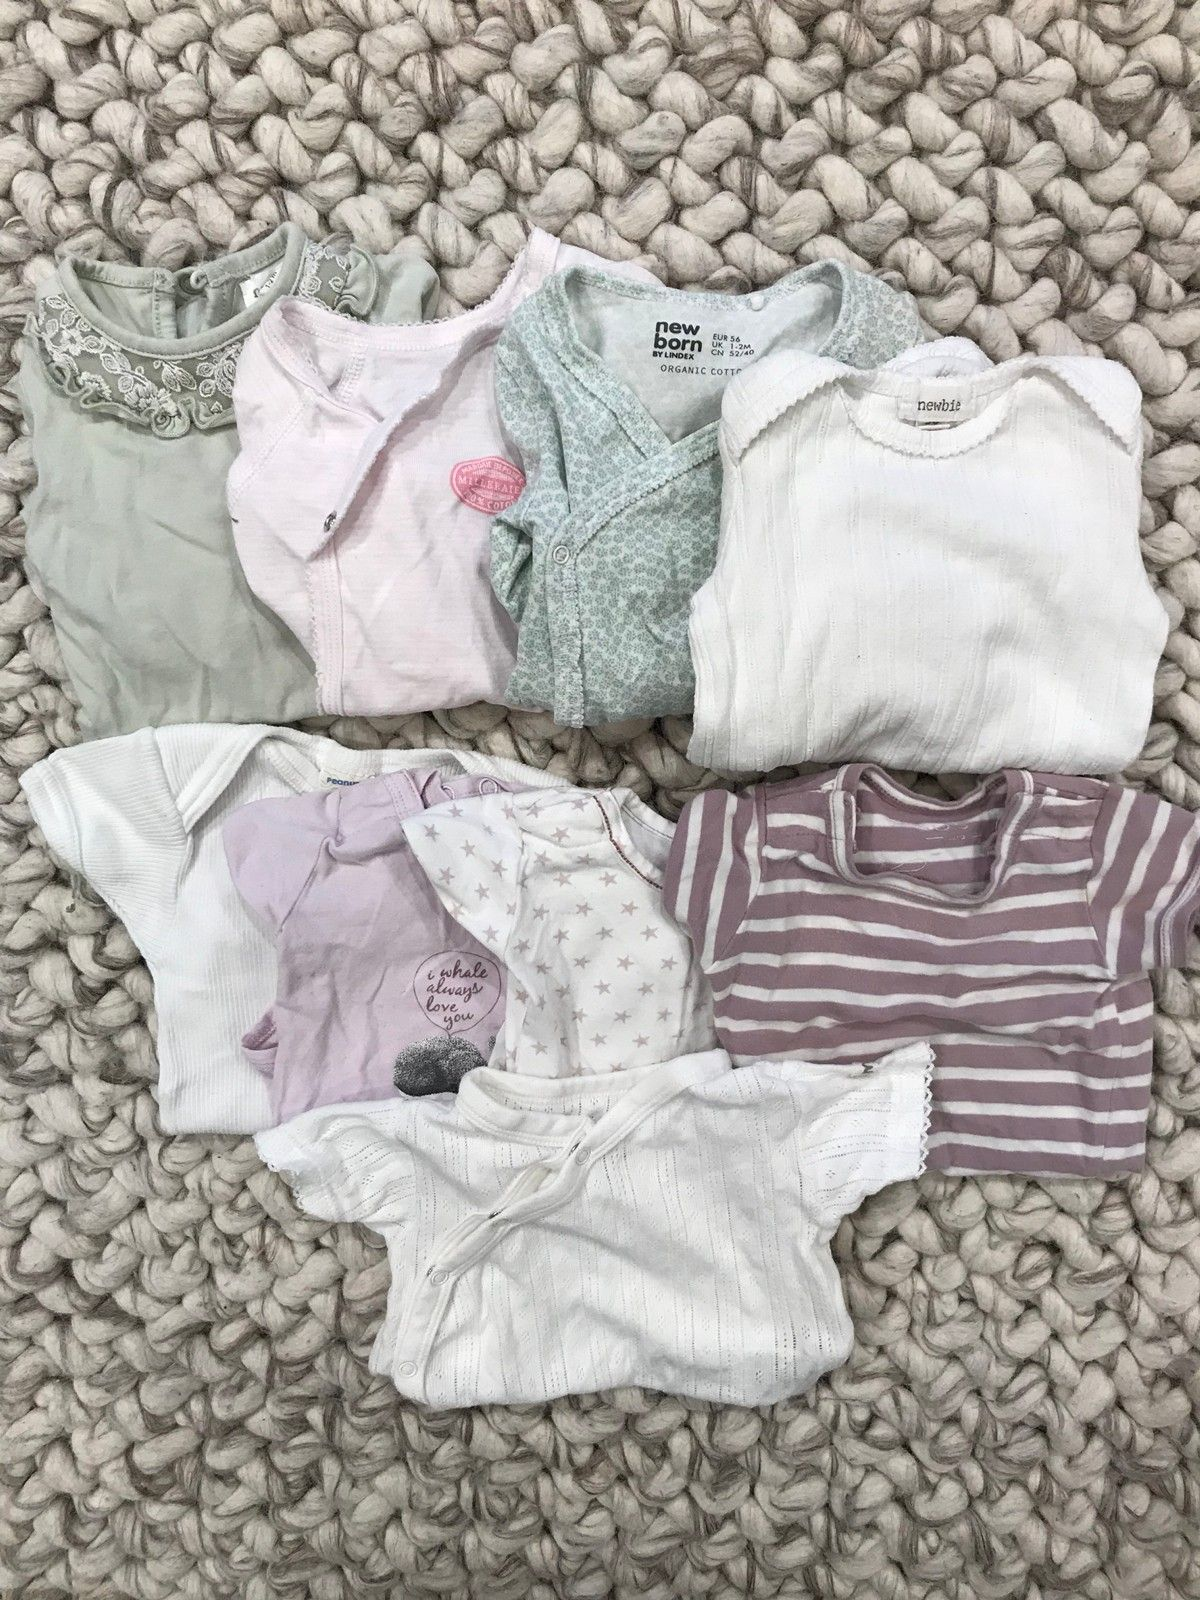 bc0c25b5f Pent brukte jenteklær til baby str 56 selges billig | FINN.no